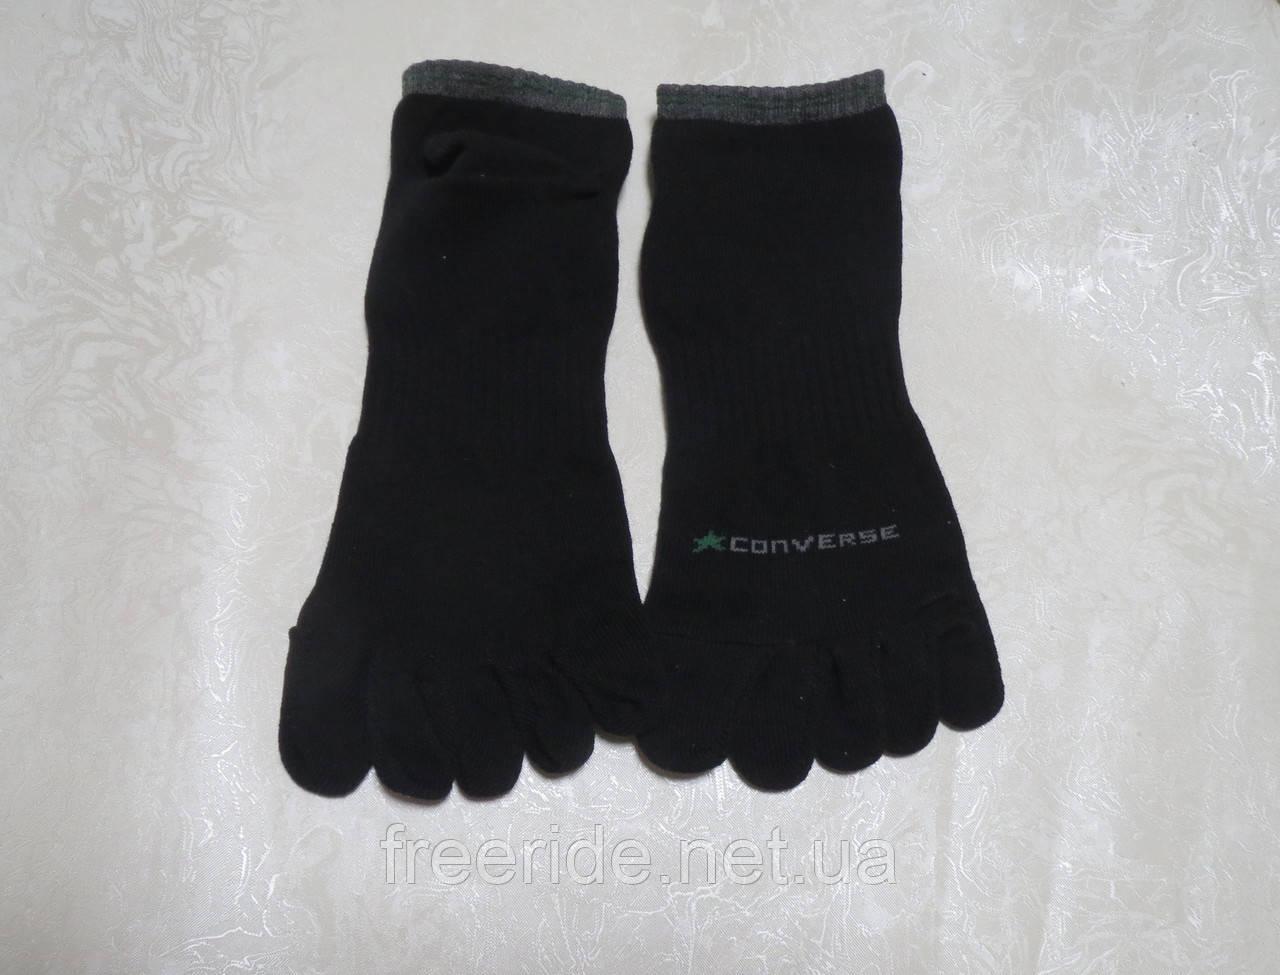 Носки спортивные Converse короткие (39-42) с пальцами